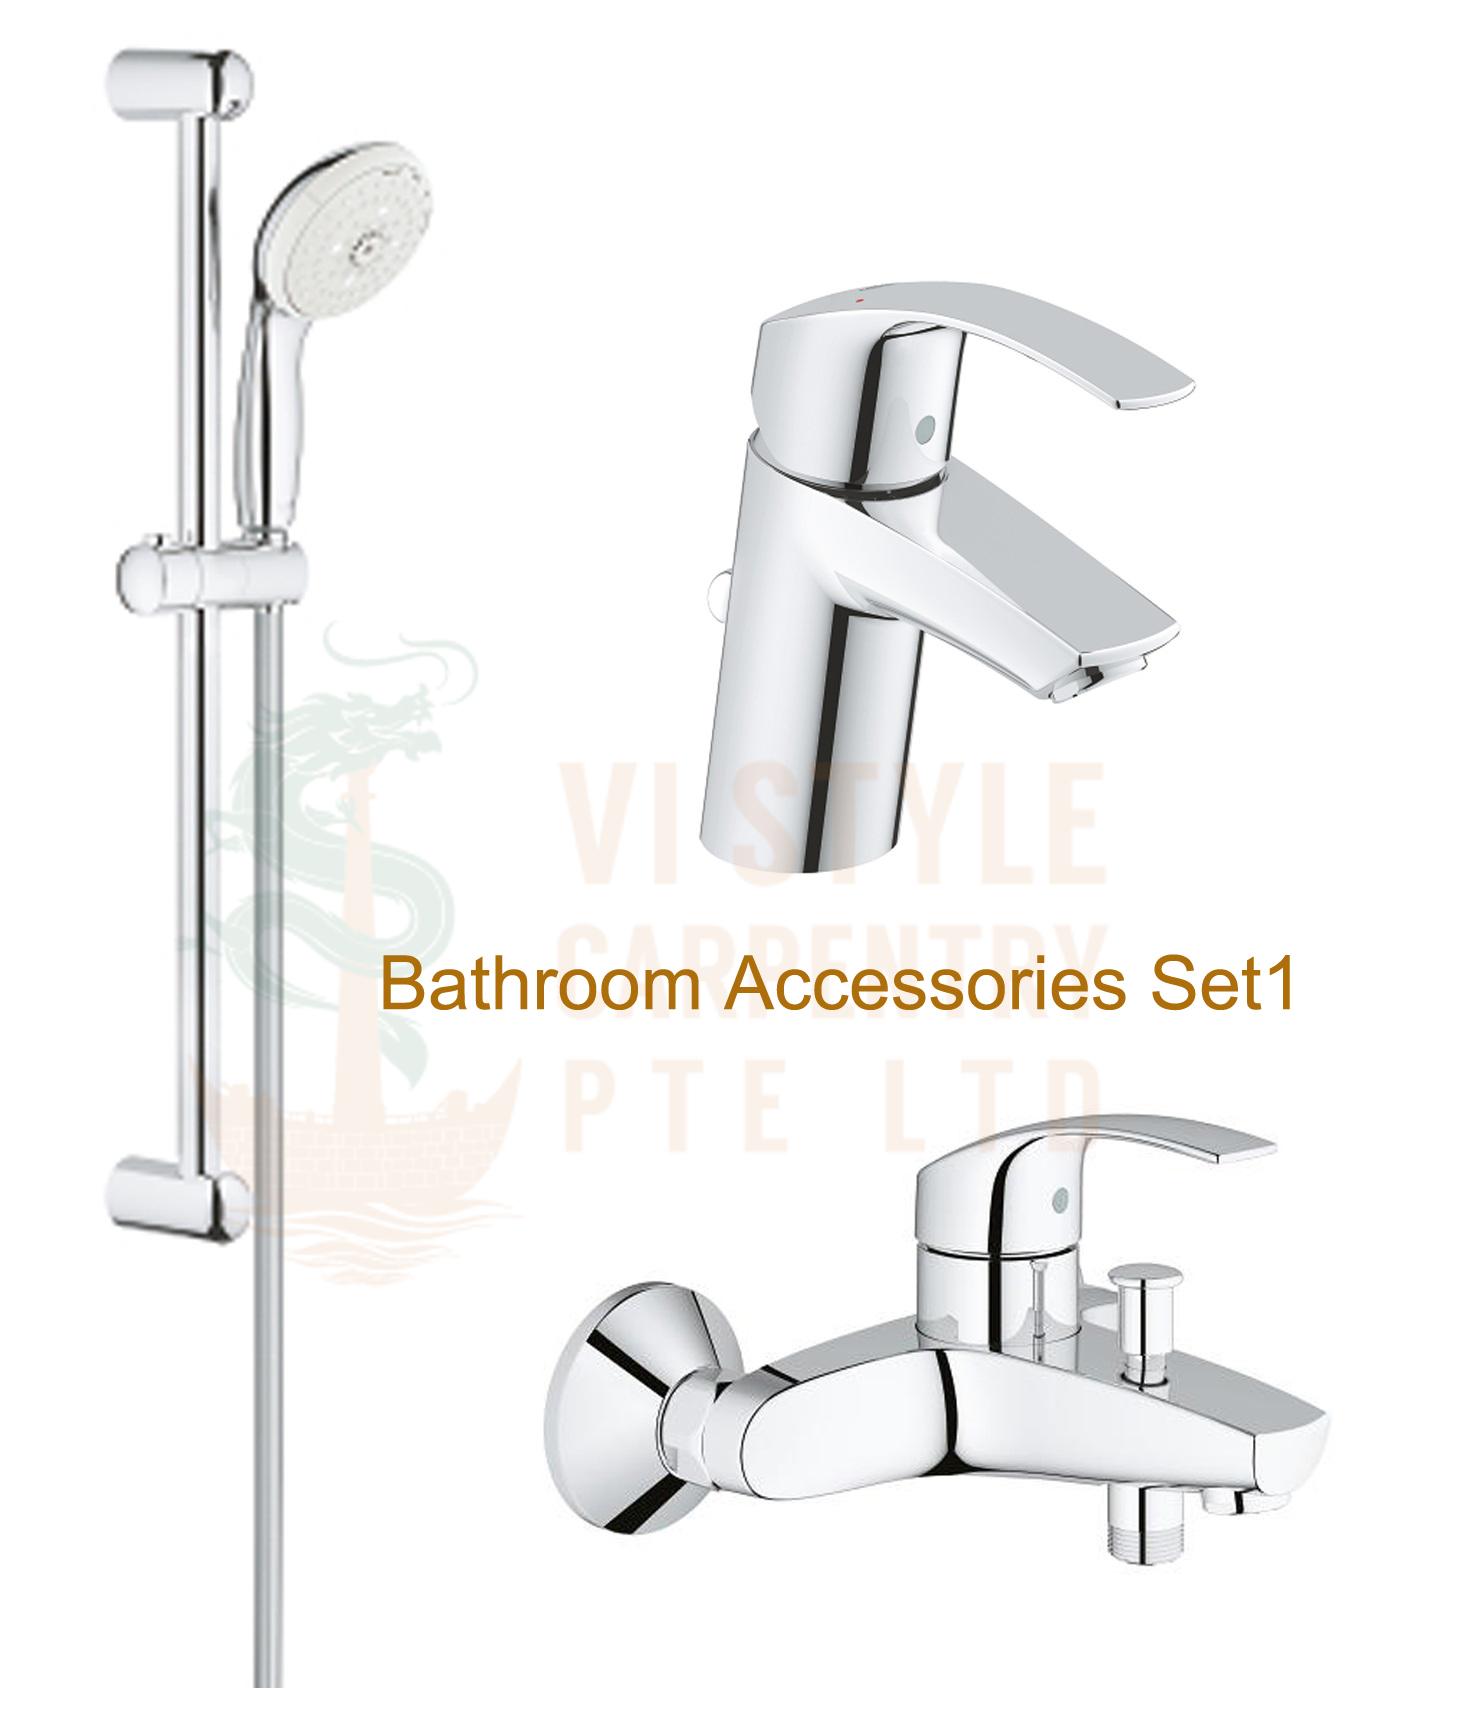 Bathroom Accessories 1 Vi Style E